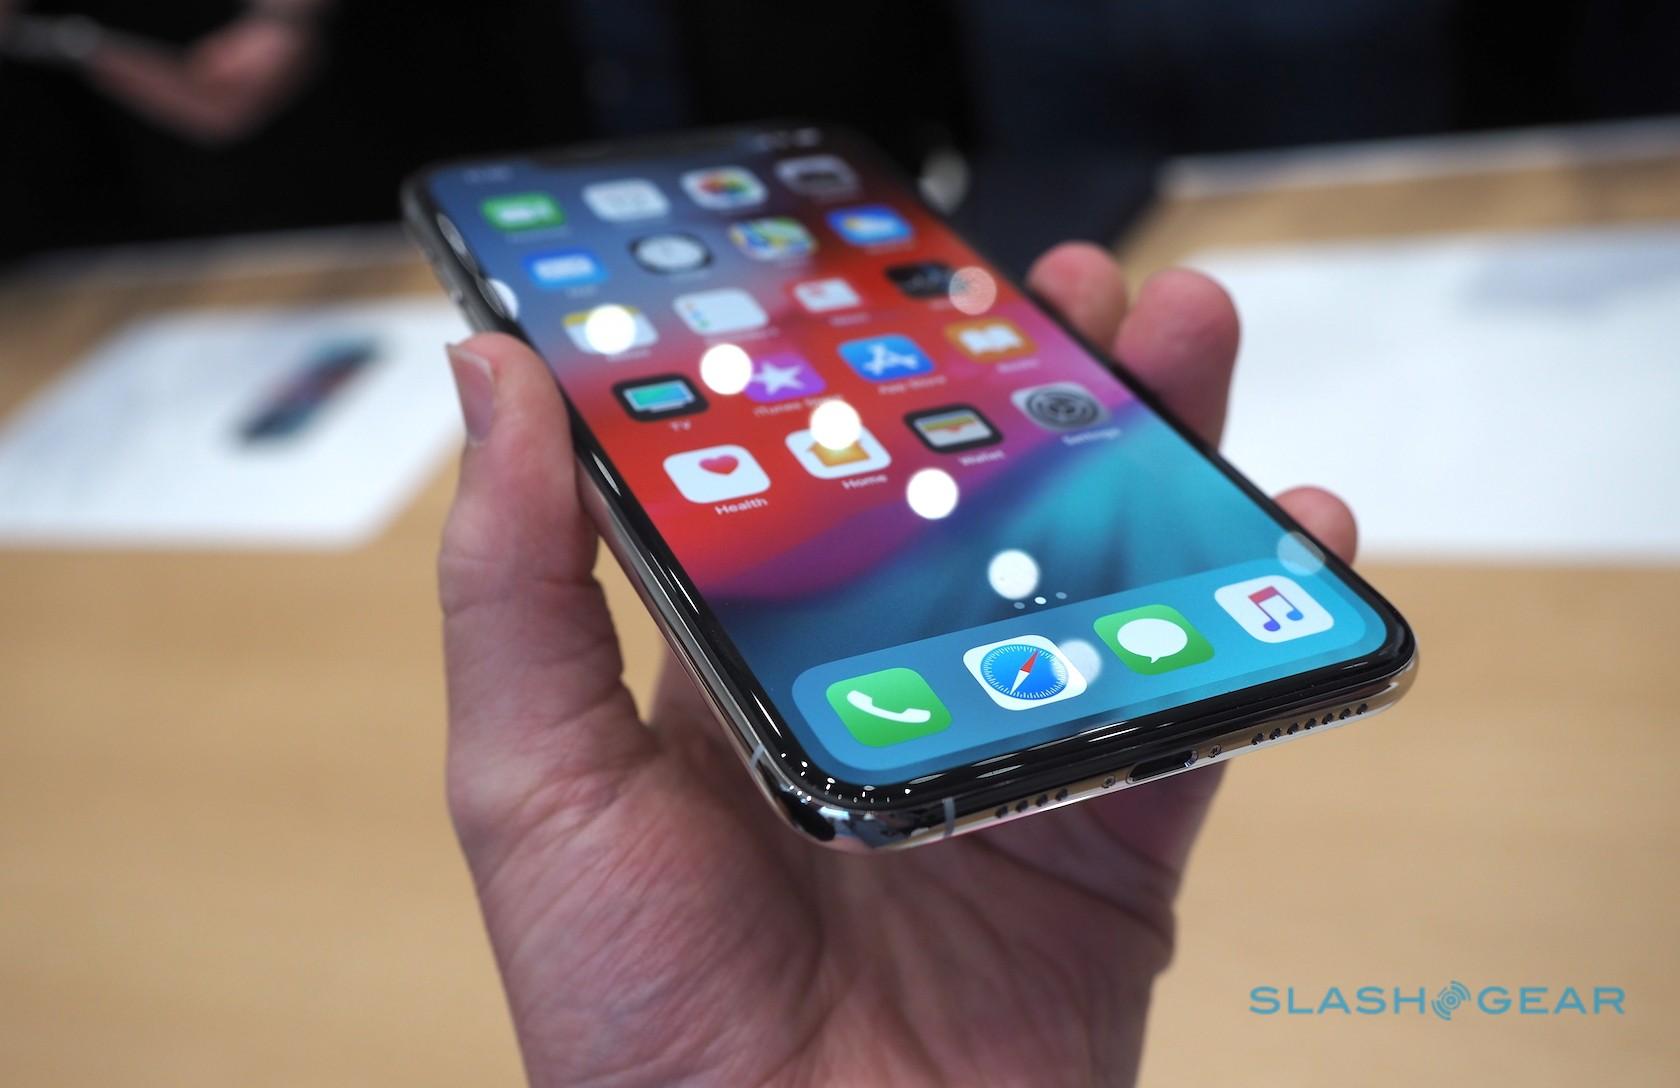 Cảm nhận dùng iPhone Xs trực tiếp sớm nhất: Cái gì cũng tốt, chỉ duy nhất một thứ đáng chê! - Ảnh 7.